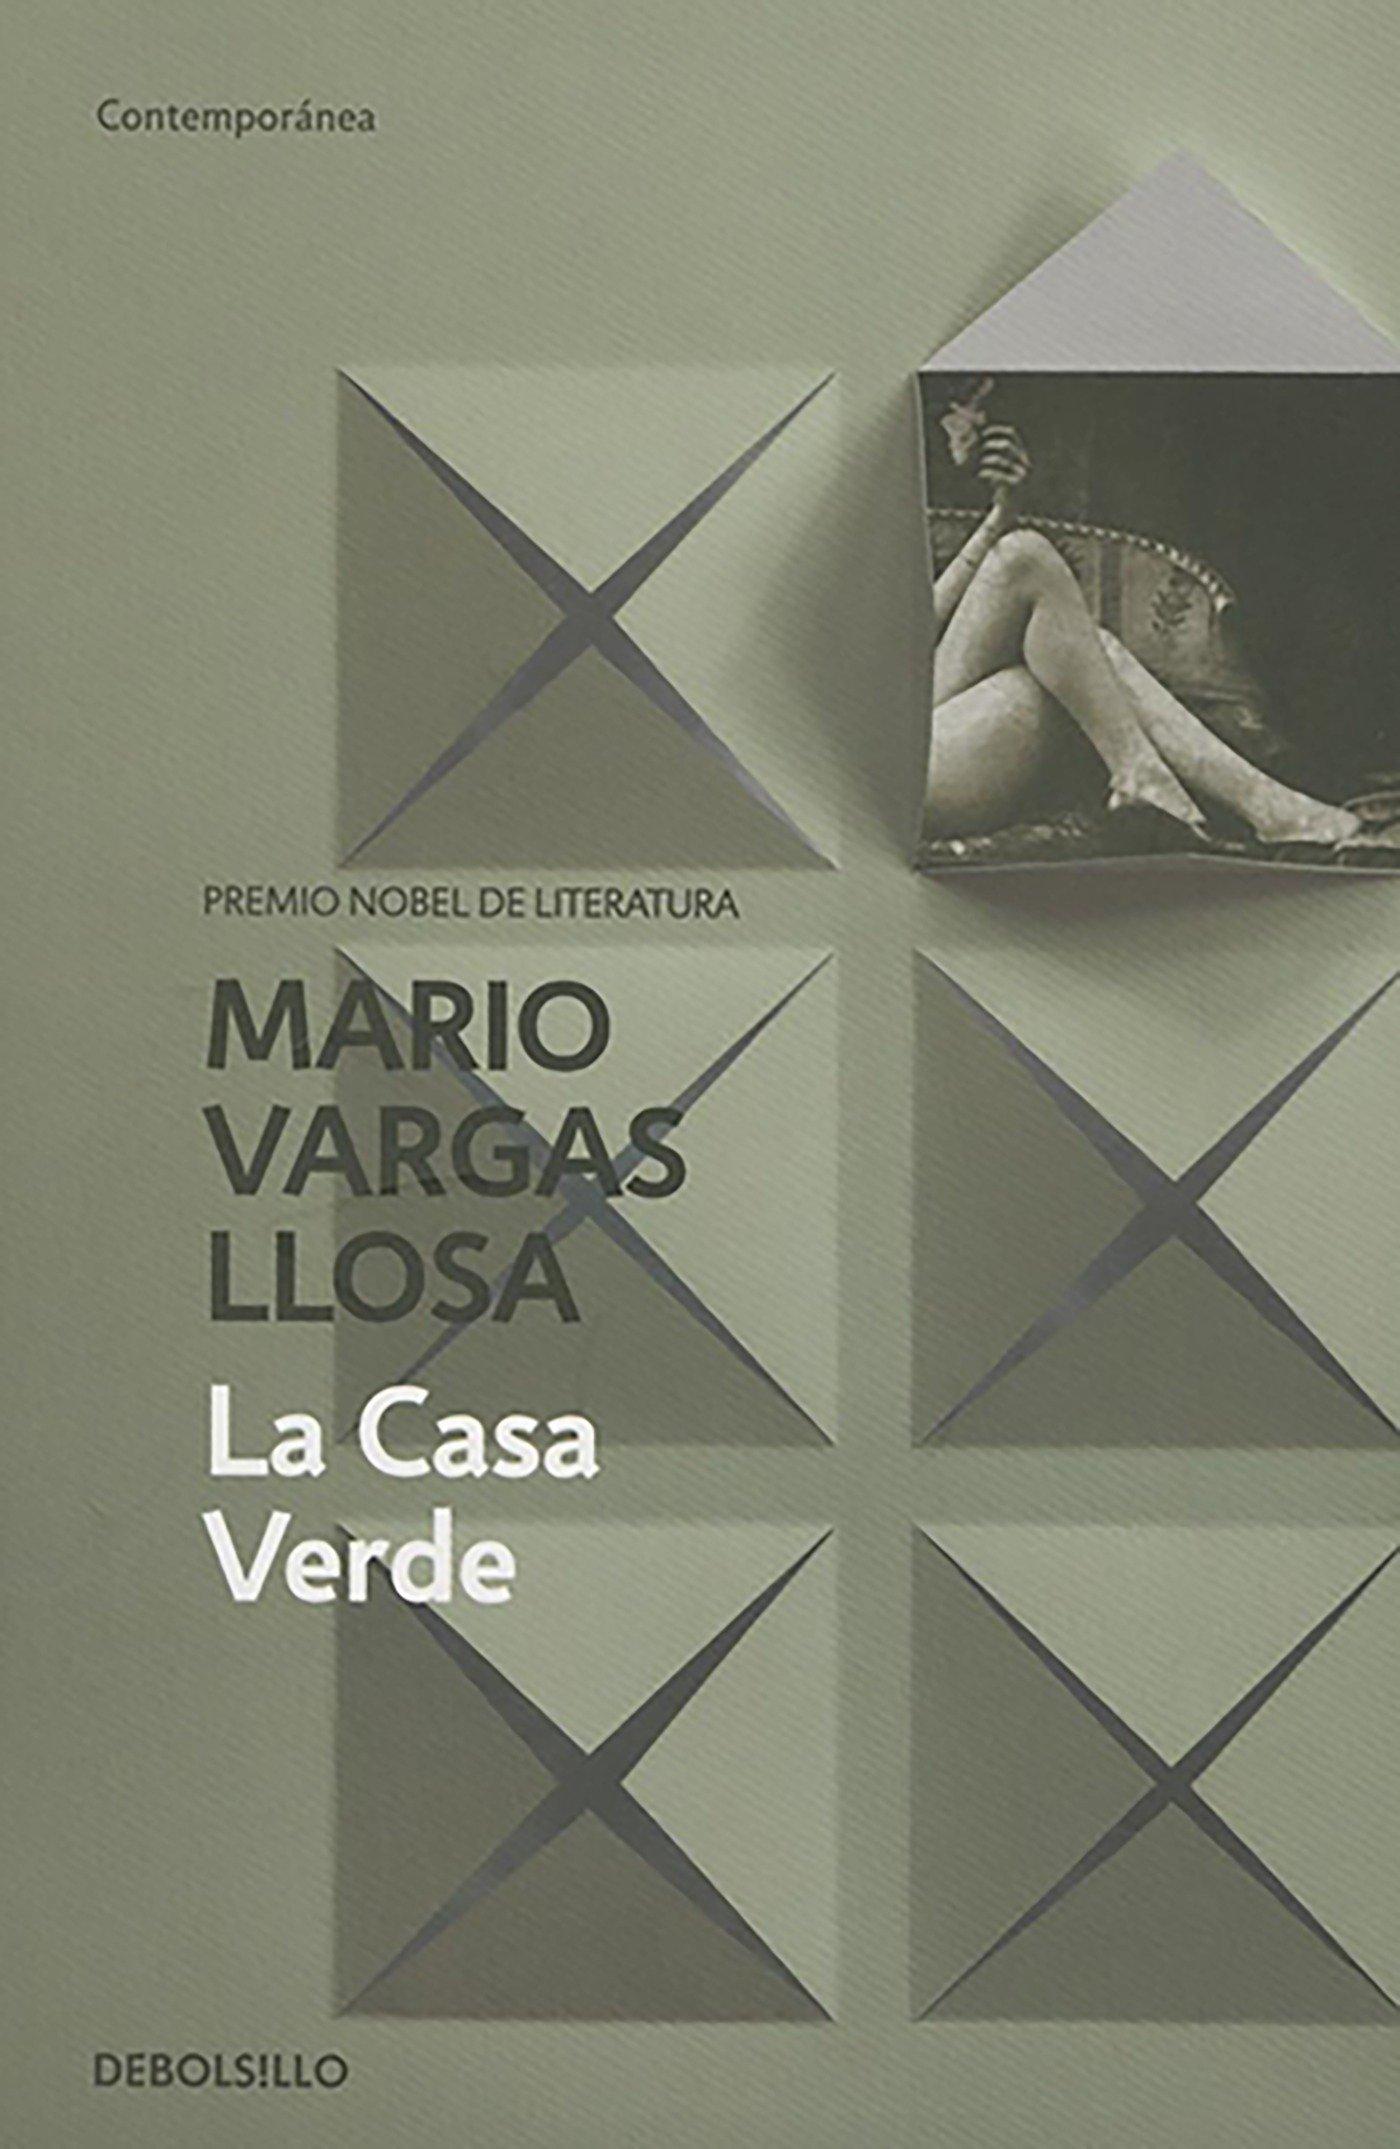 Descargar La Casa Verde Mario Vargas Llosa Ebook Download